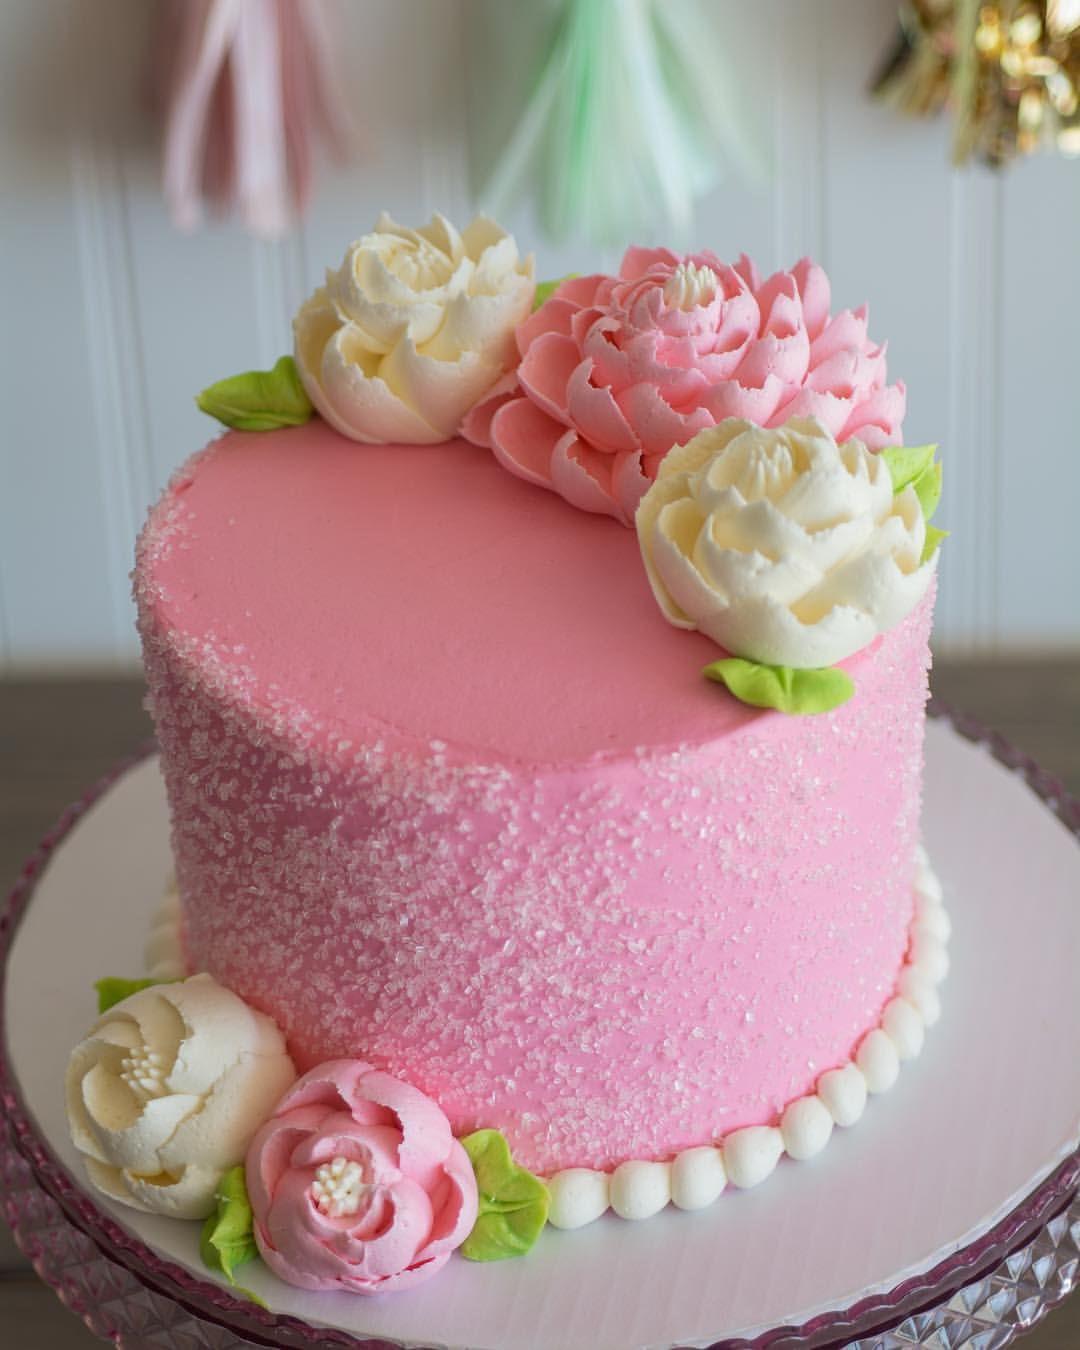 Instagram The White Flower Cake Shoppe Love This Sweet